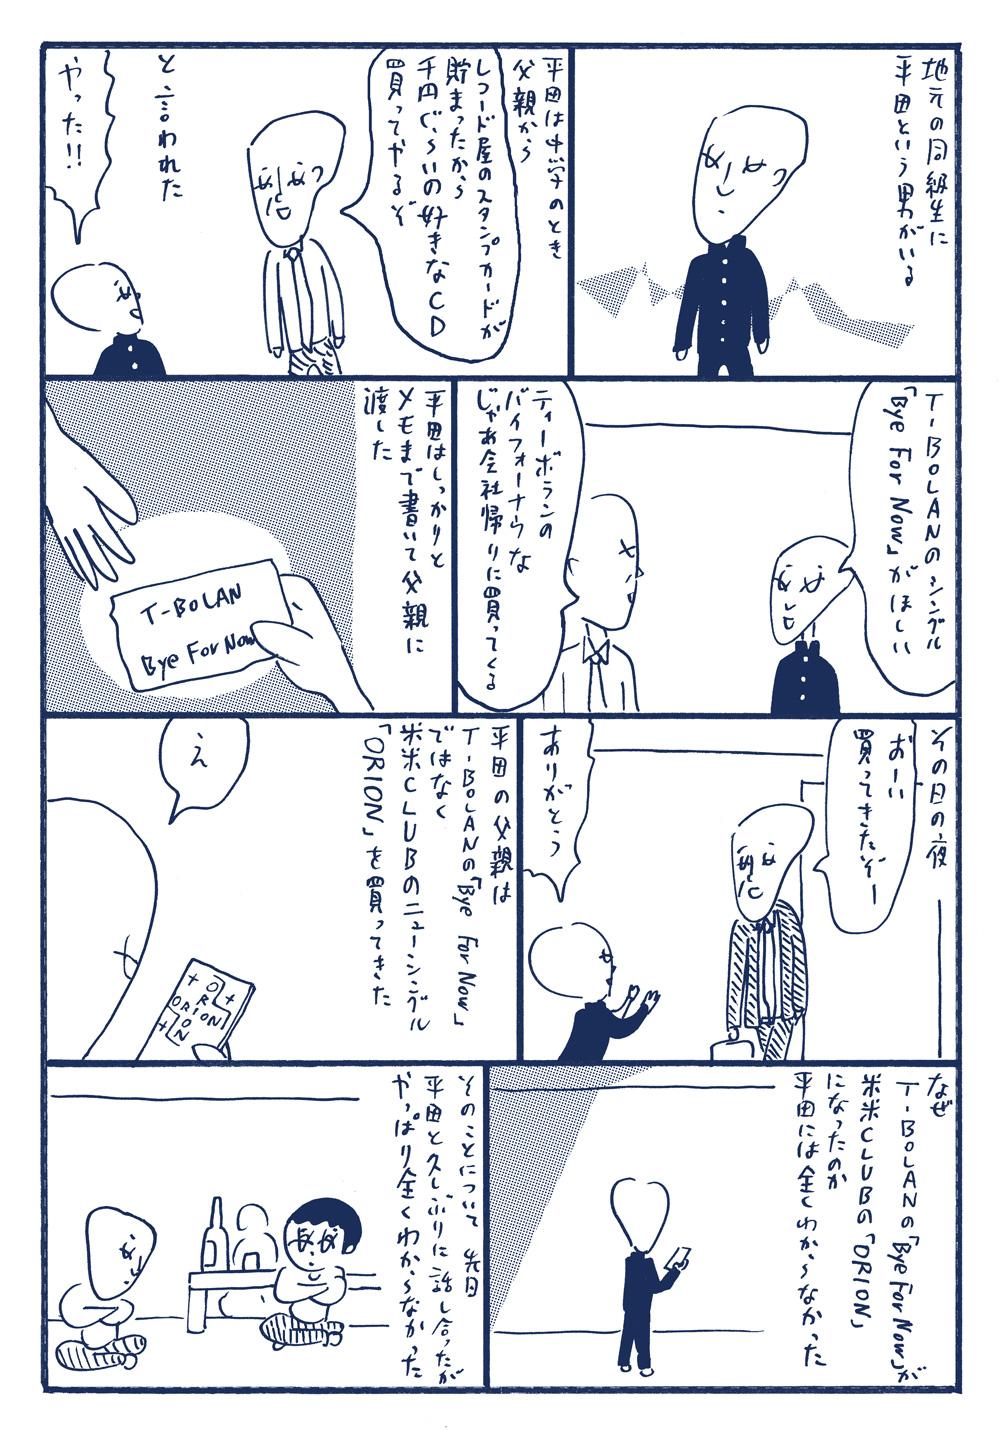 oohashi-007